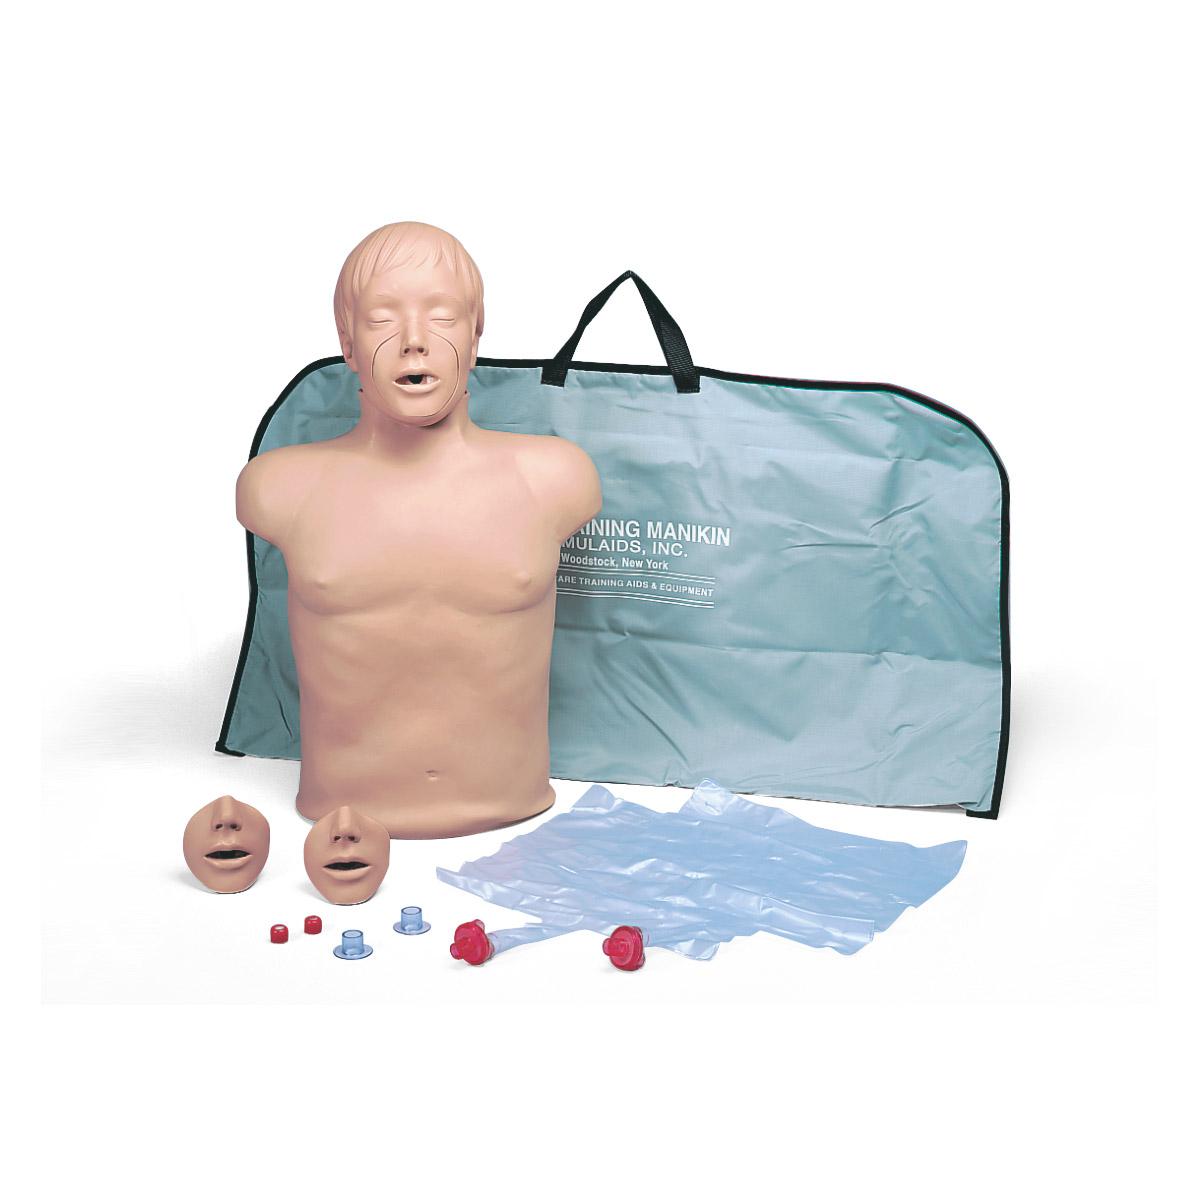 Torsodeadultopararesucitacioncardiopulmonar